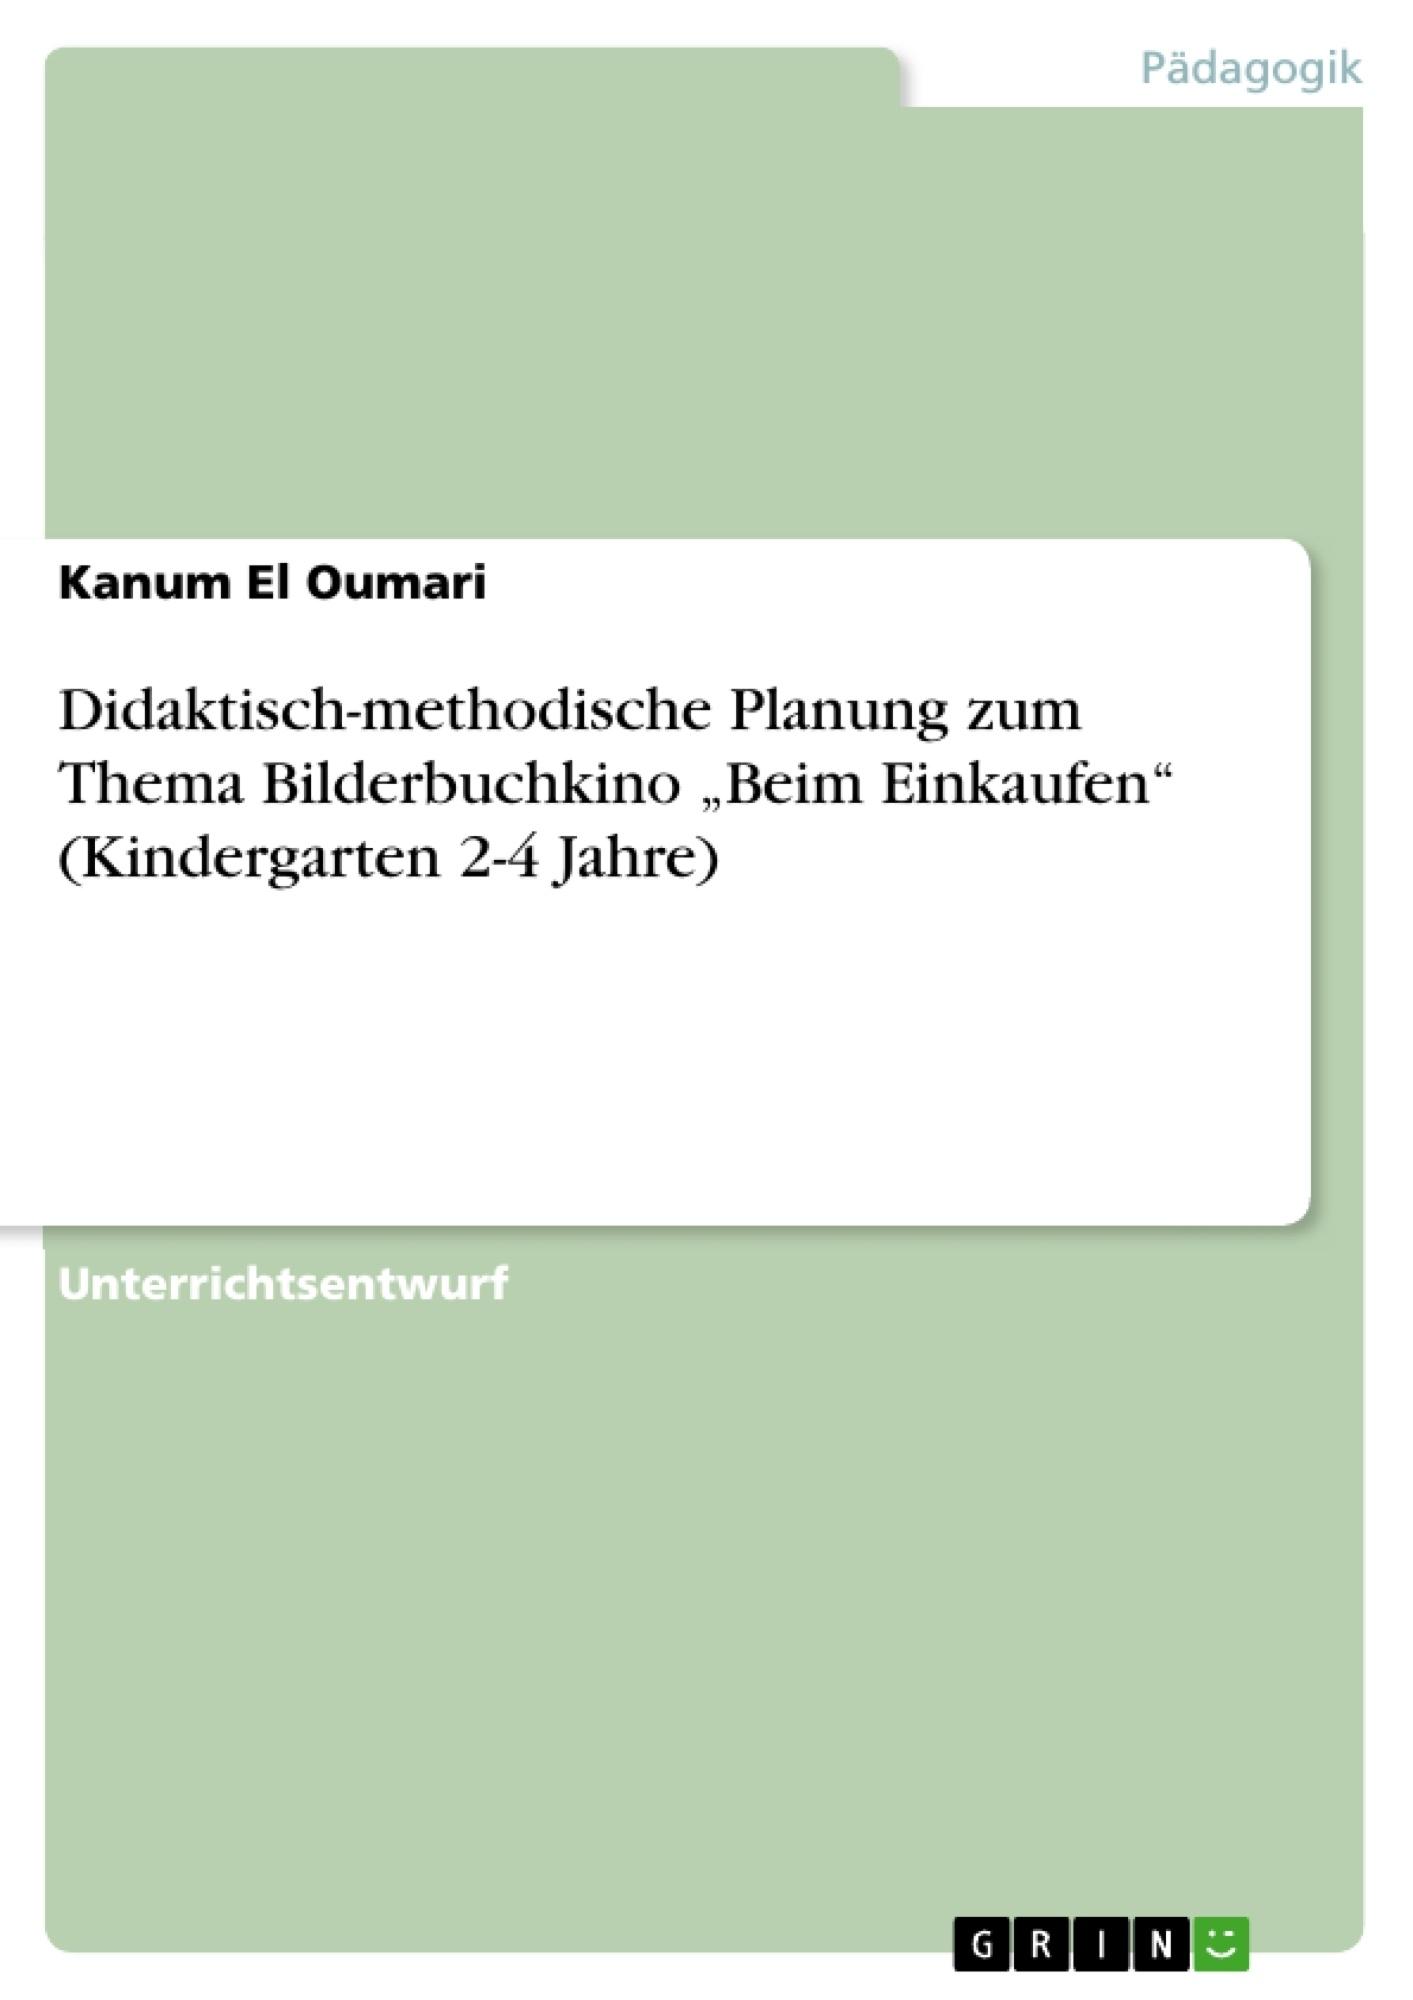 """Titel: Didaktisch-methodische Planung zum Thema Bilderbuchkino """"Beim Einkaufen"""" (Kindergarten 2-4 Jahre)"""